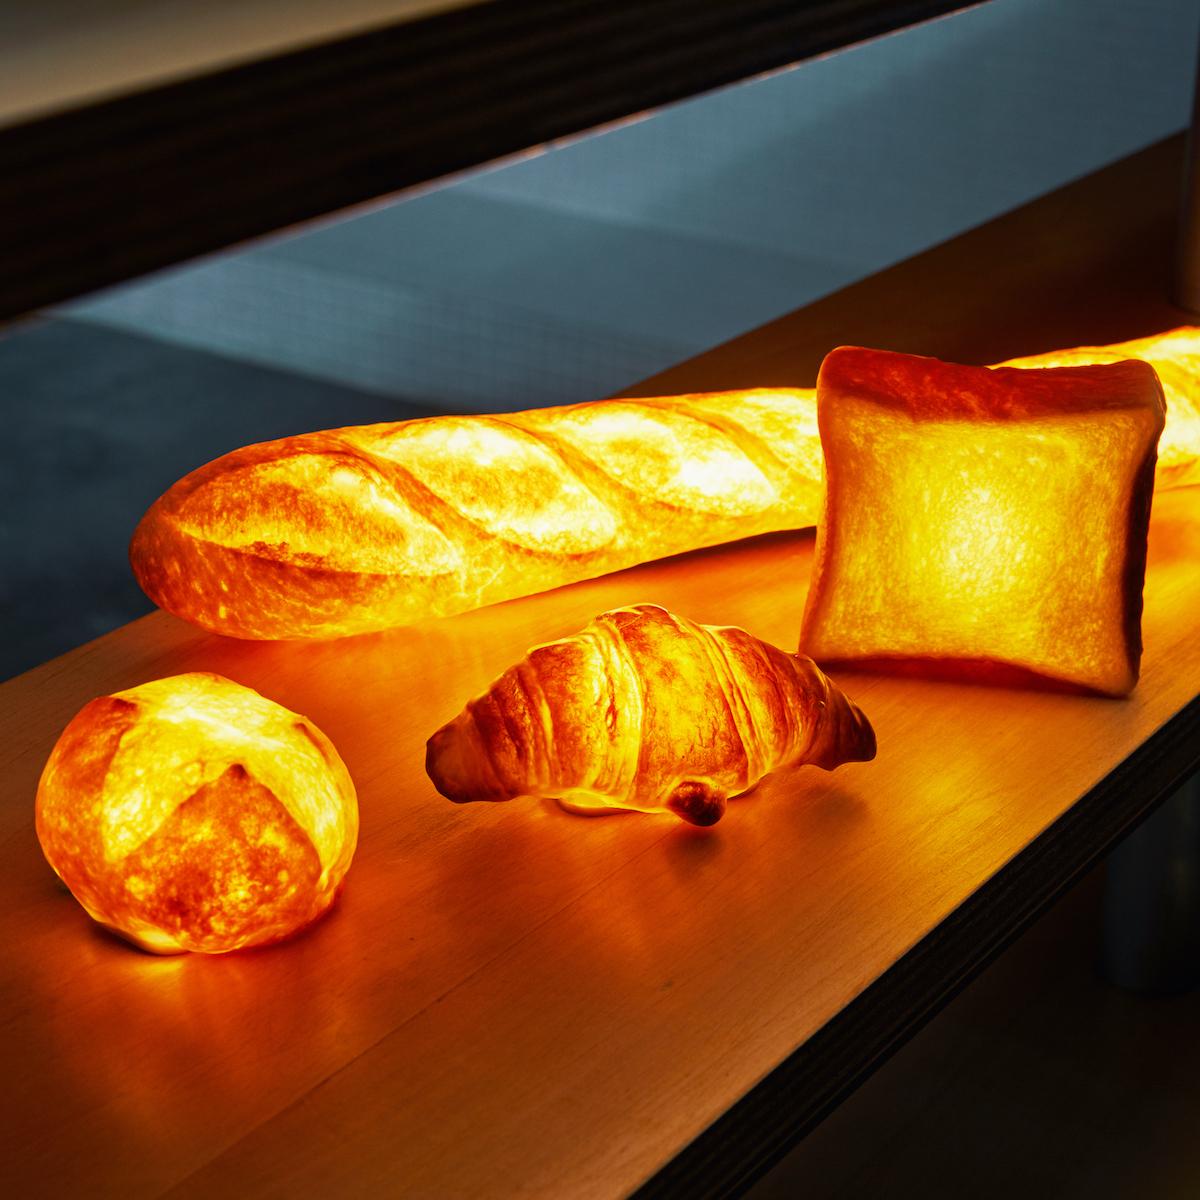 """焼きたてパンが""""灯す""""しあわせ 《バゲット》本物のパンがそのままインテリアライトに!吊り下げ・平置きで明かりを楽しめる「パンプシェード」  モリタ製パン所"""